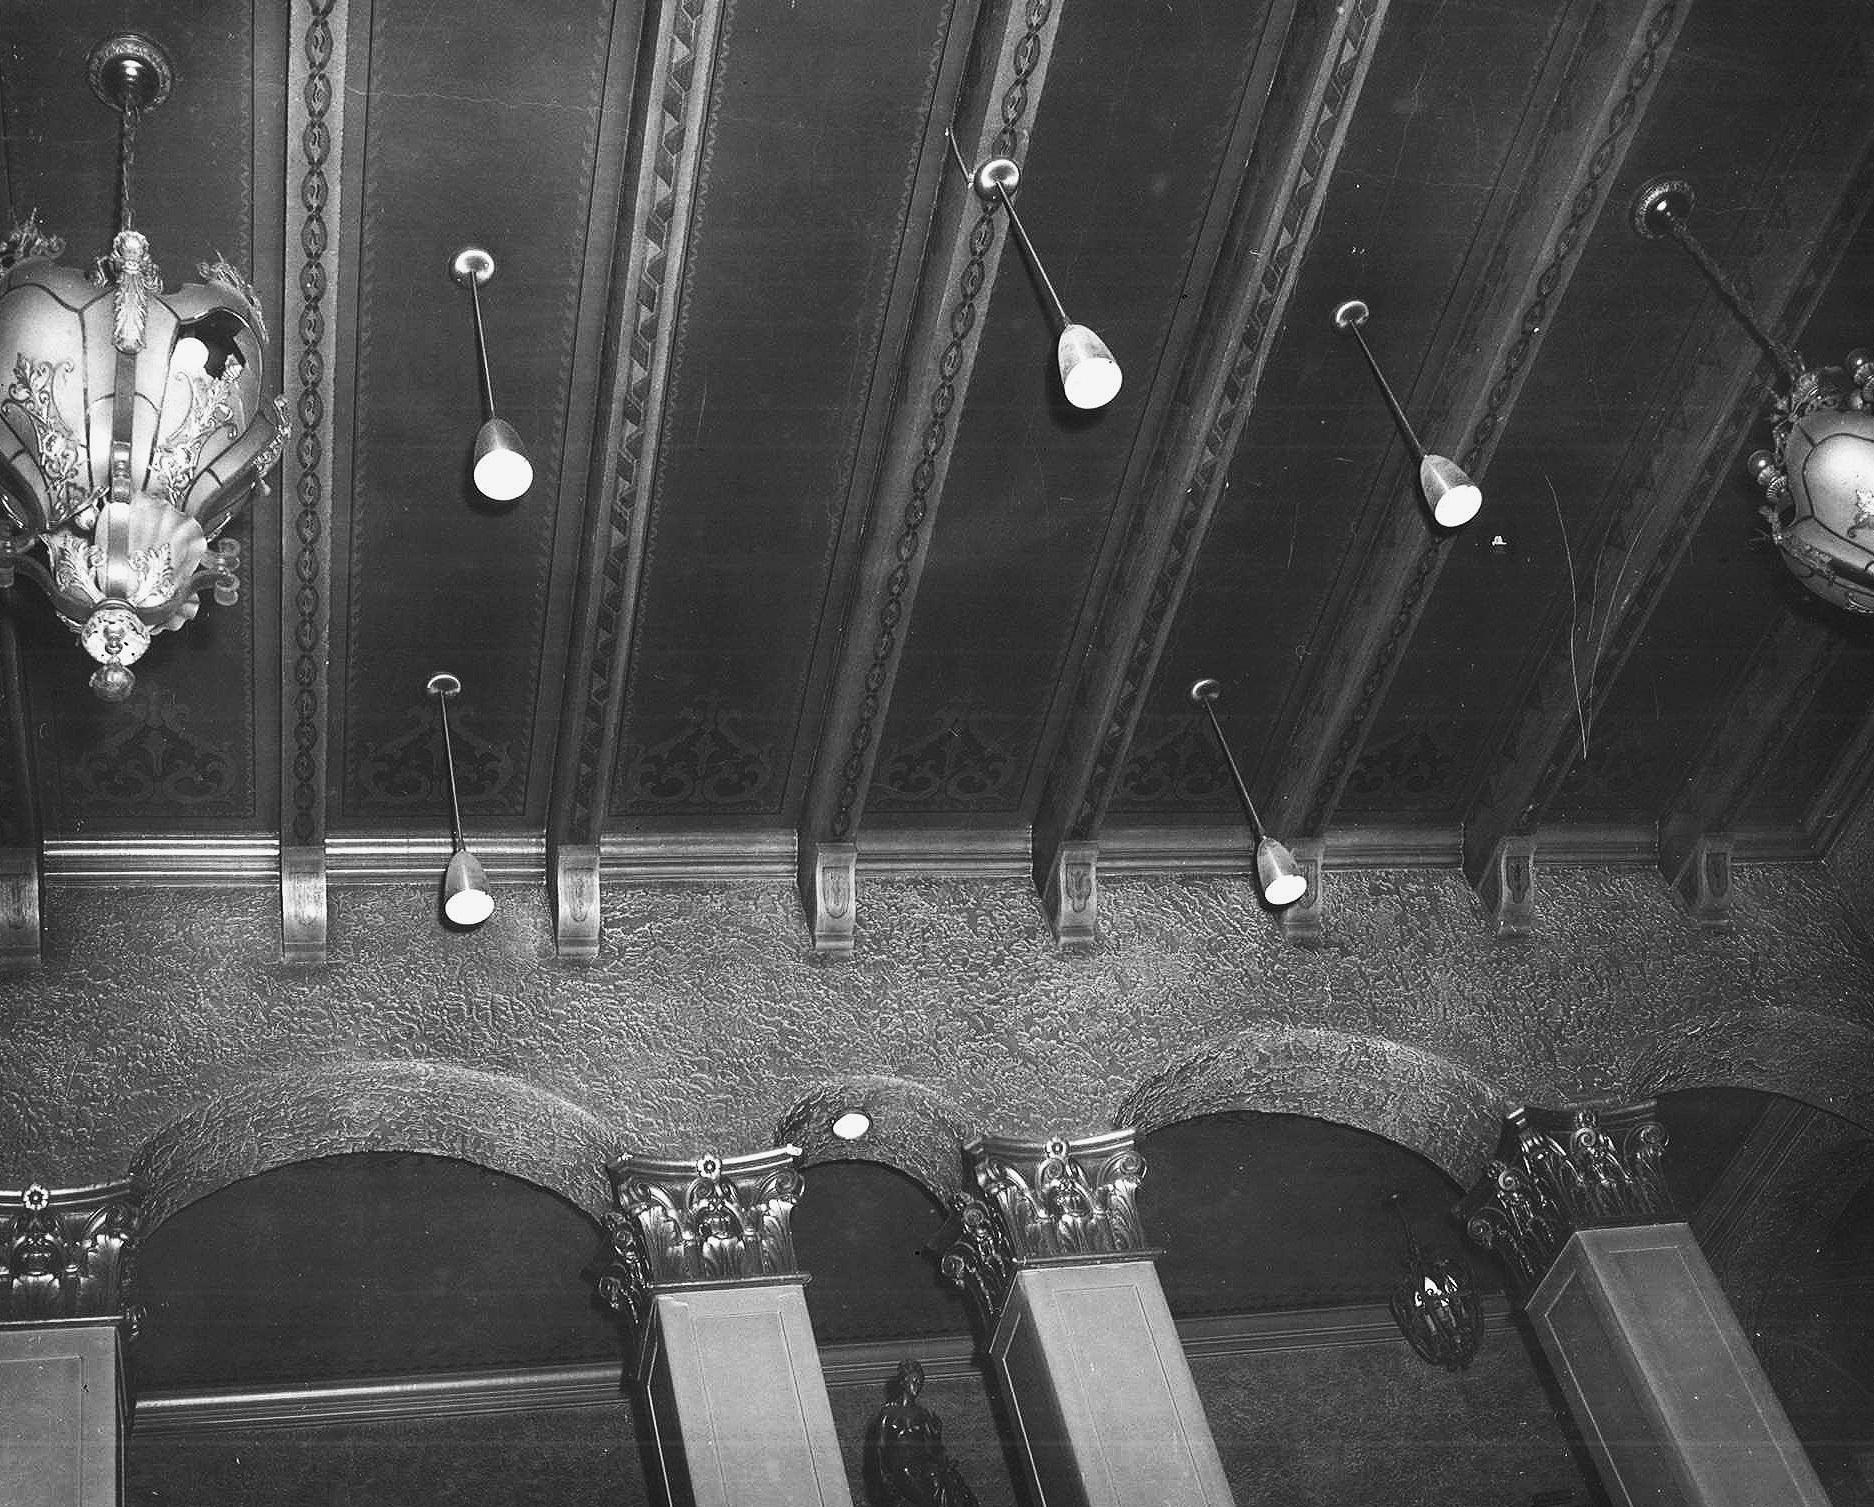 Lobby Ceiling, 1956